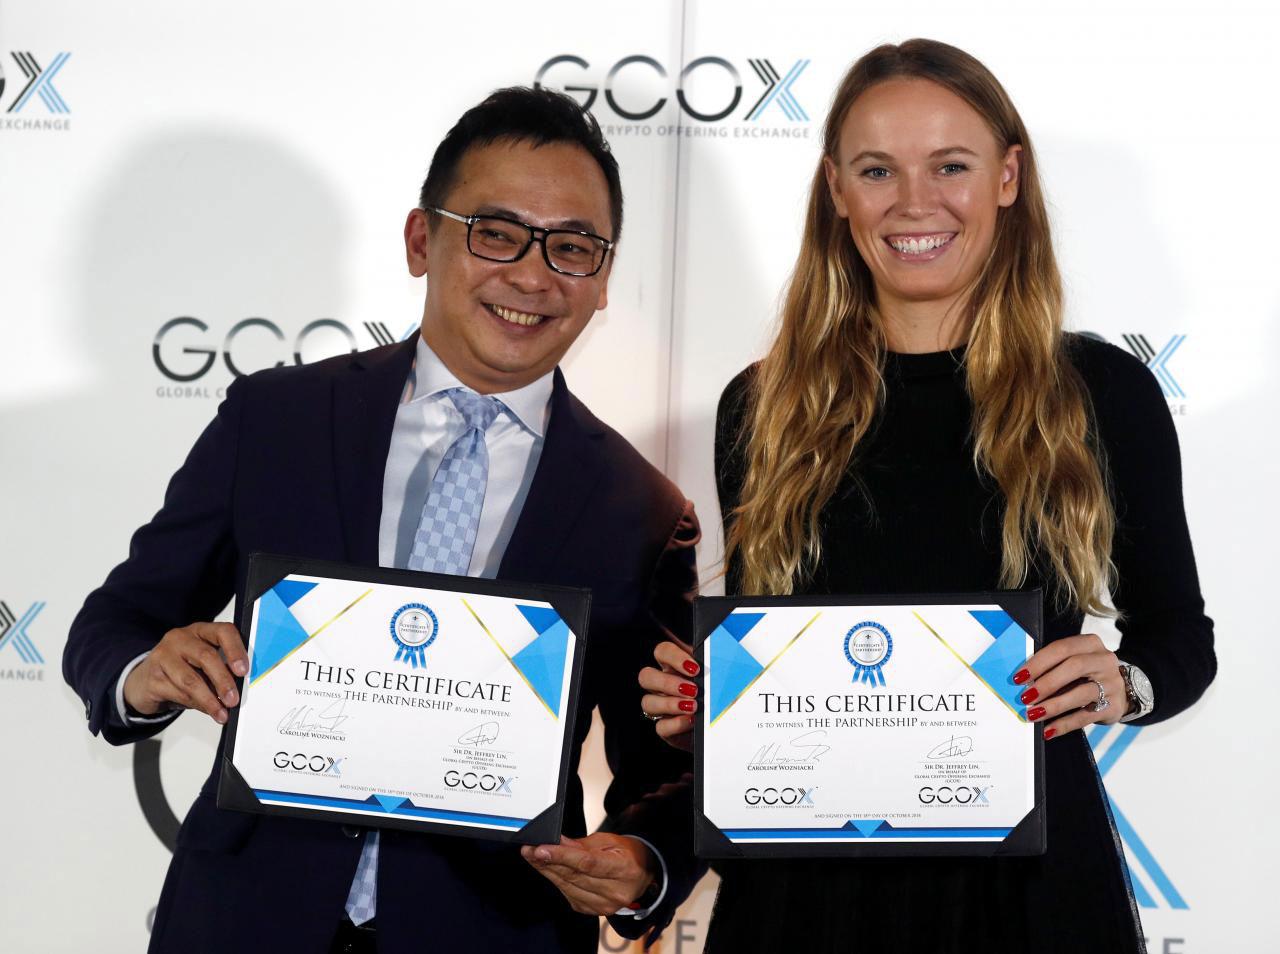 GCOXのCEO Jeffrey Lin氏とCaroline Wozniacki選手(画像:Reuters)